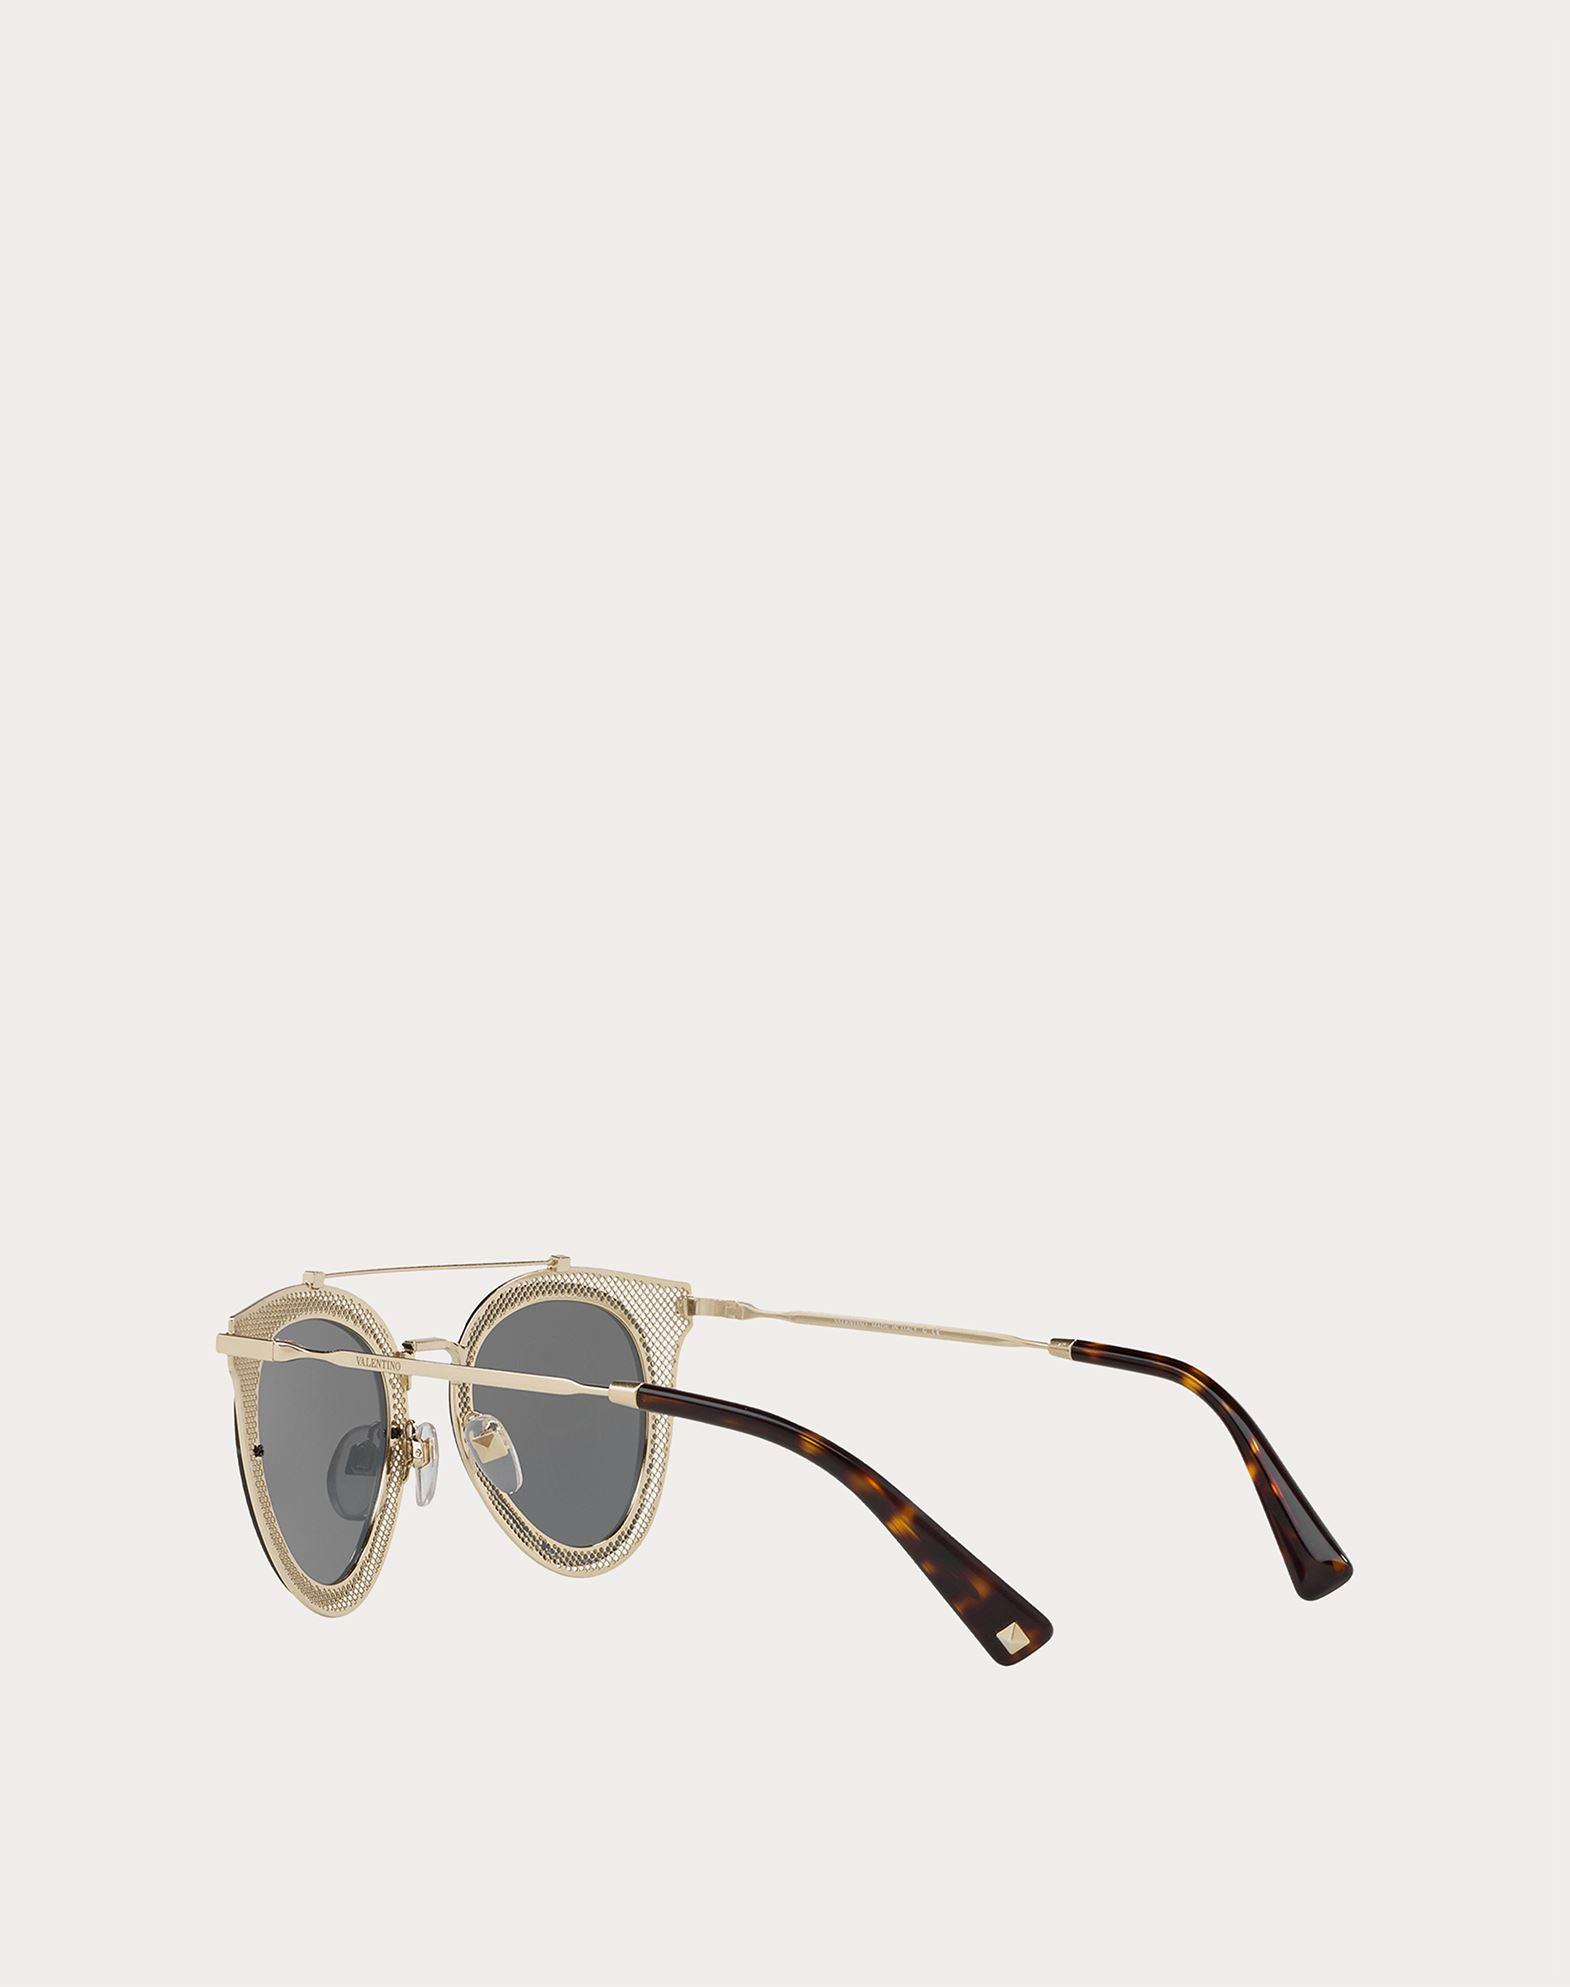 VALENTINO OCCHIALI Metal Sunglasses Sunglasses E e